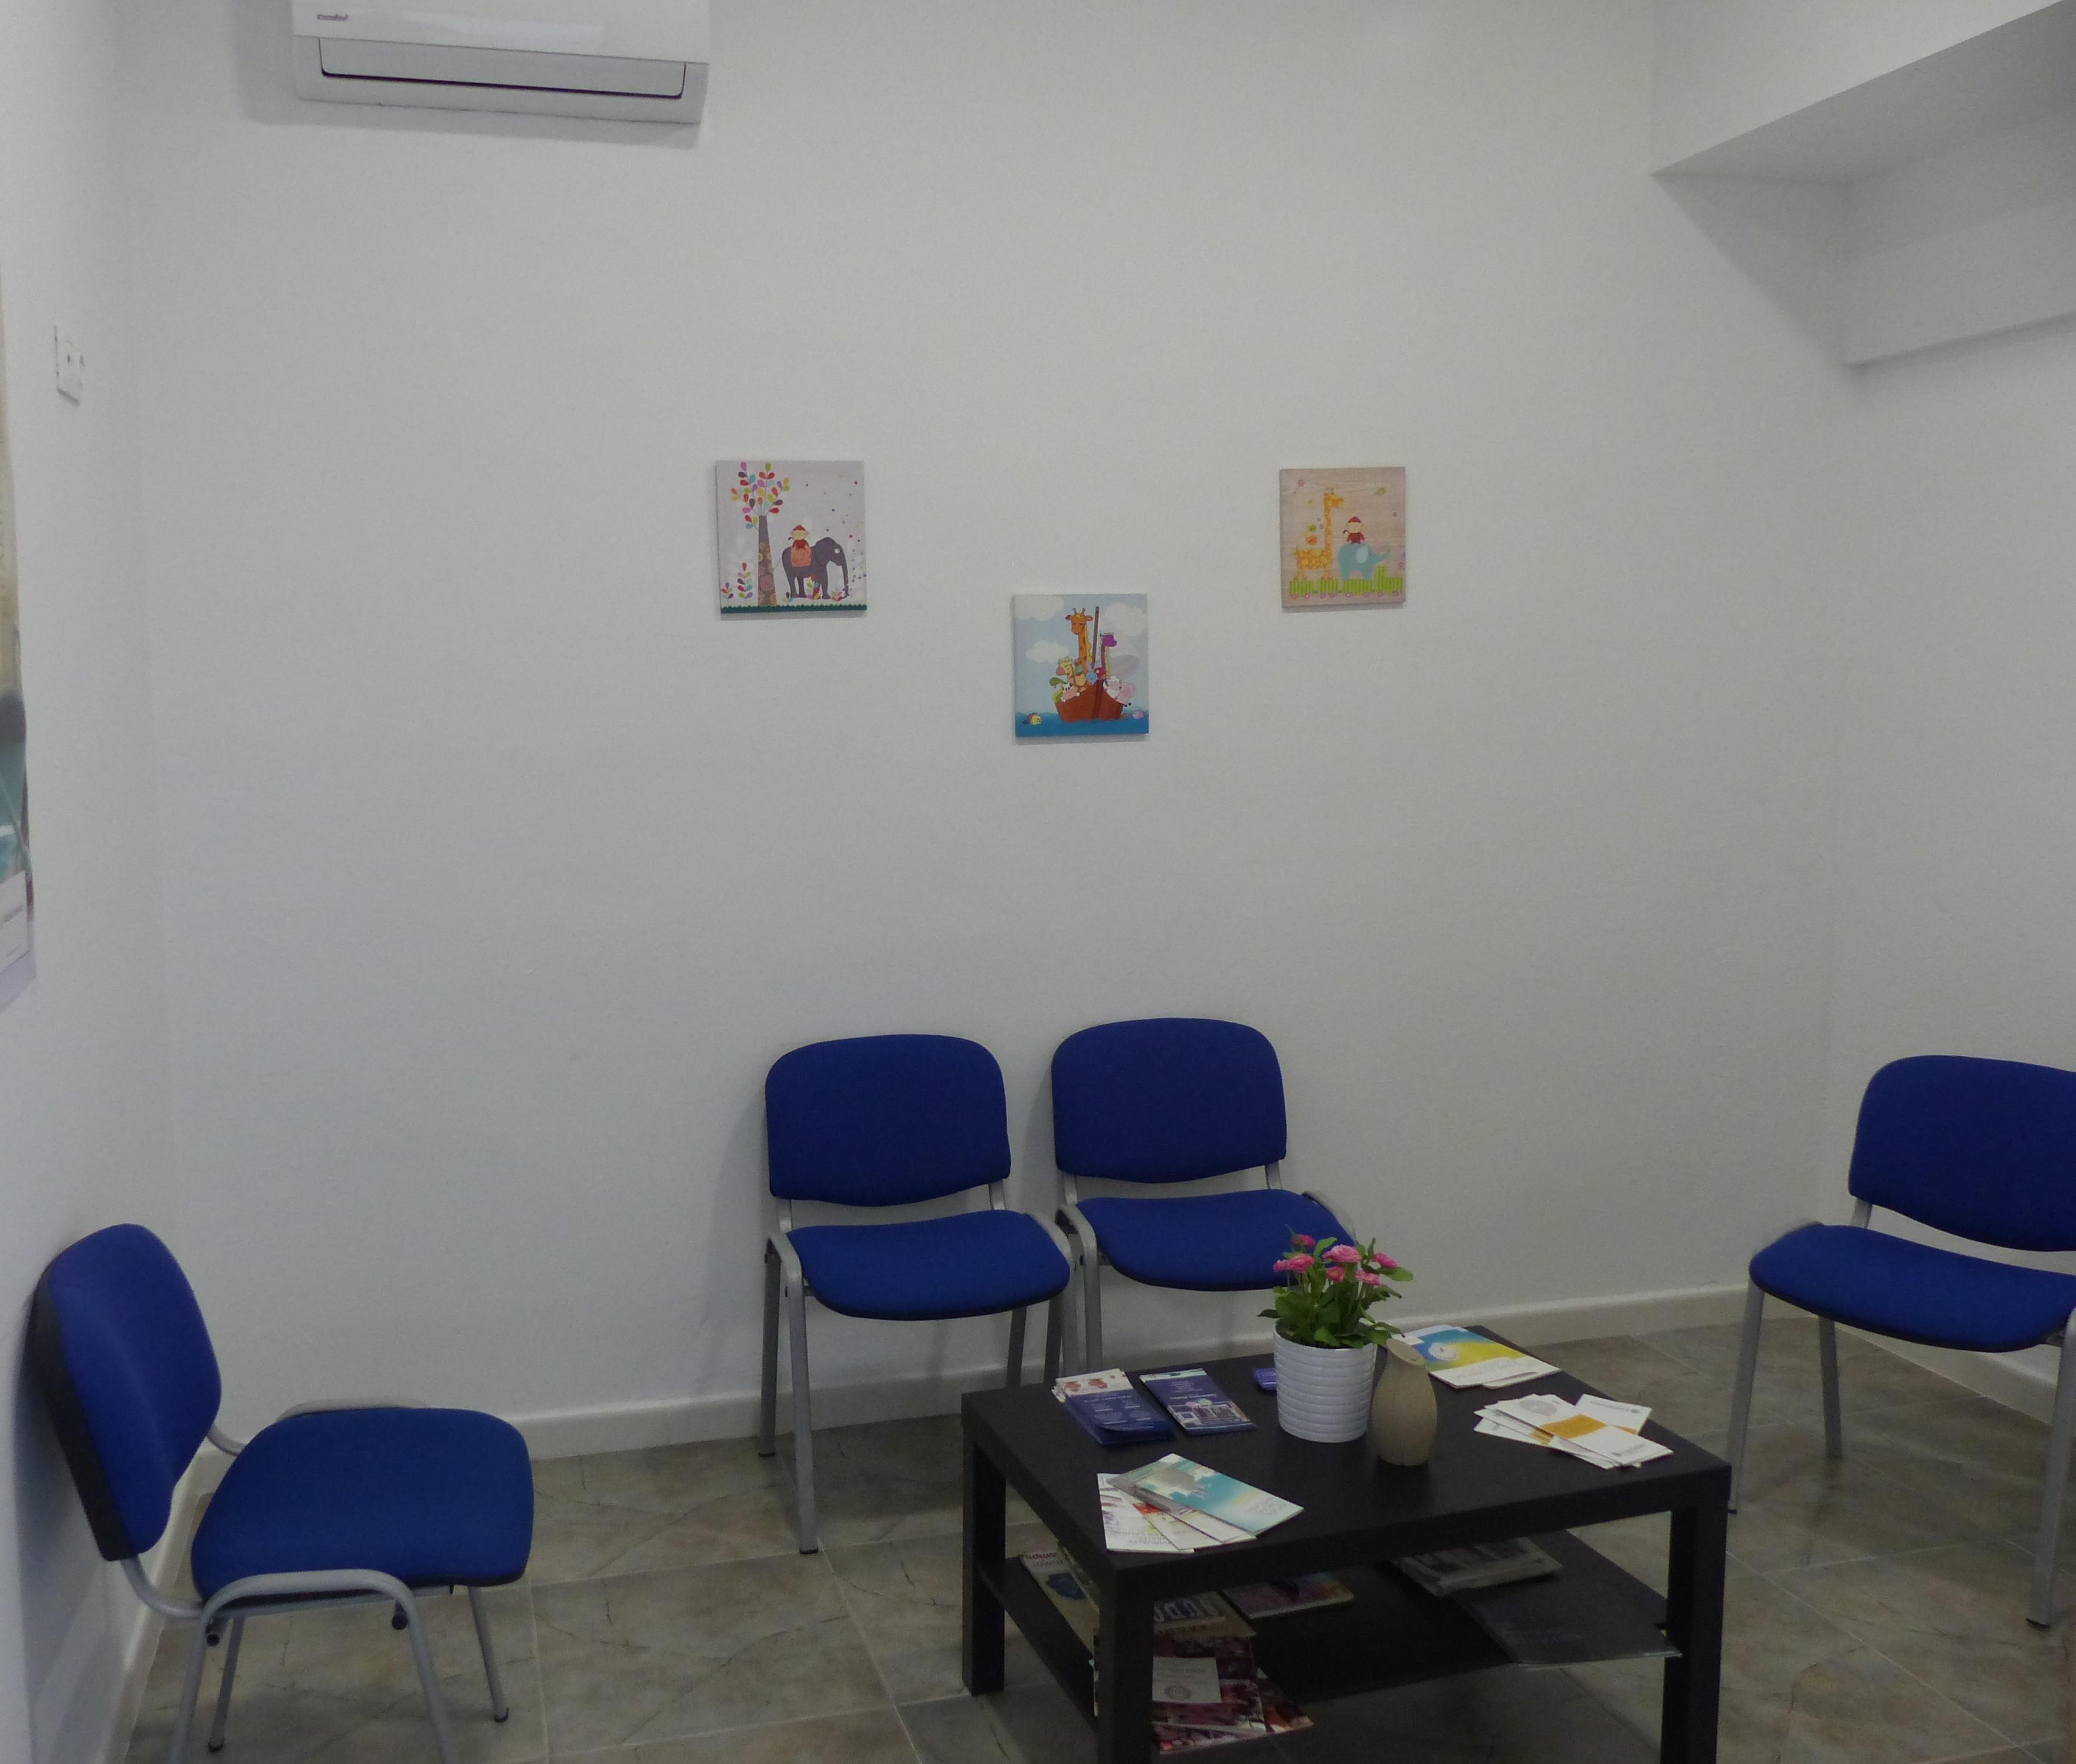 tramitacion-gestion-proyectos-actividad-locales-empresas-2